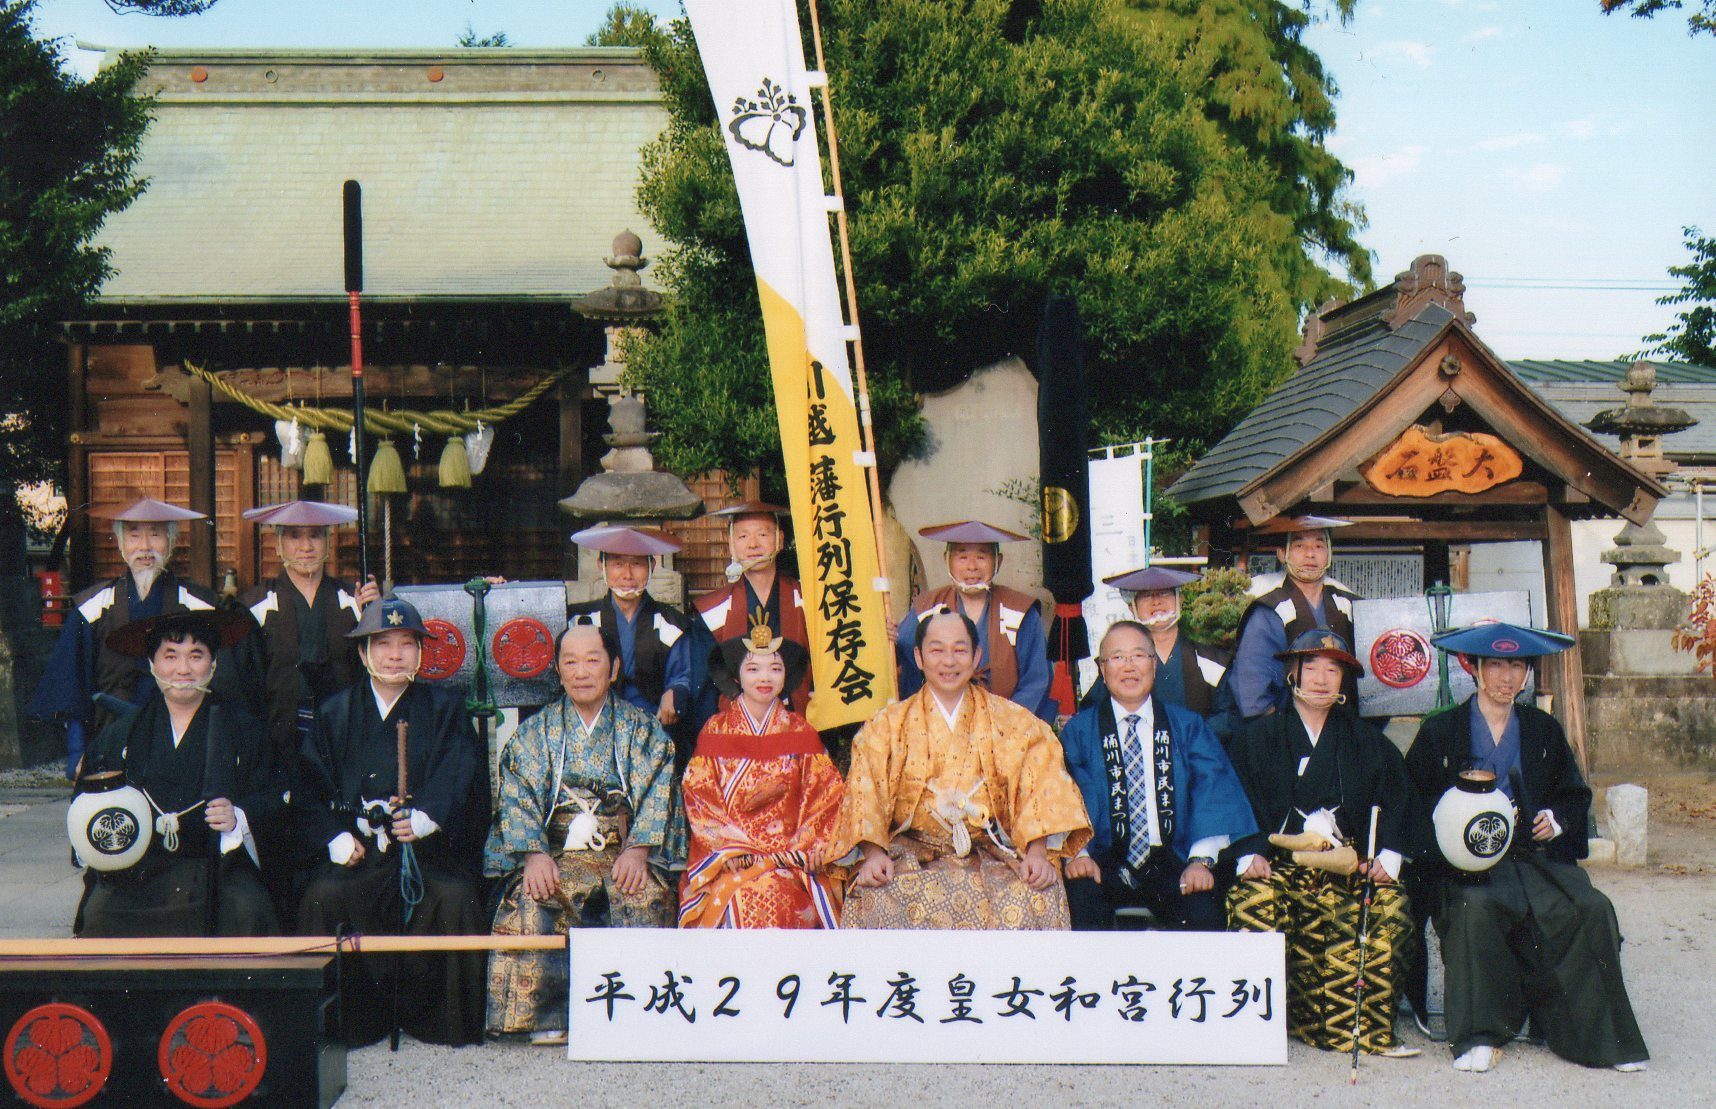 埼玉県桶川市 皇女和宮行列